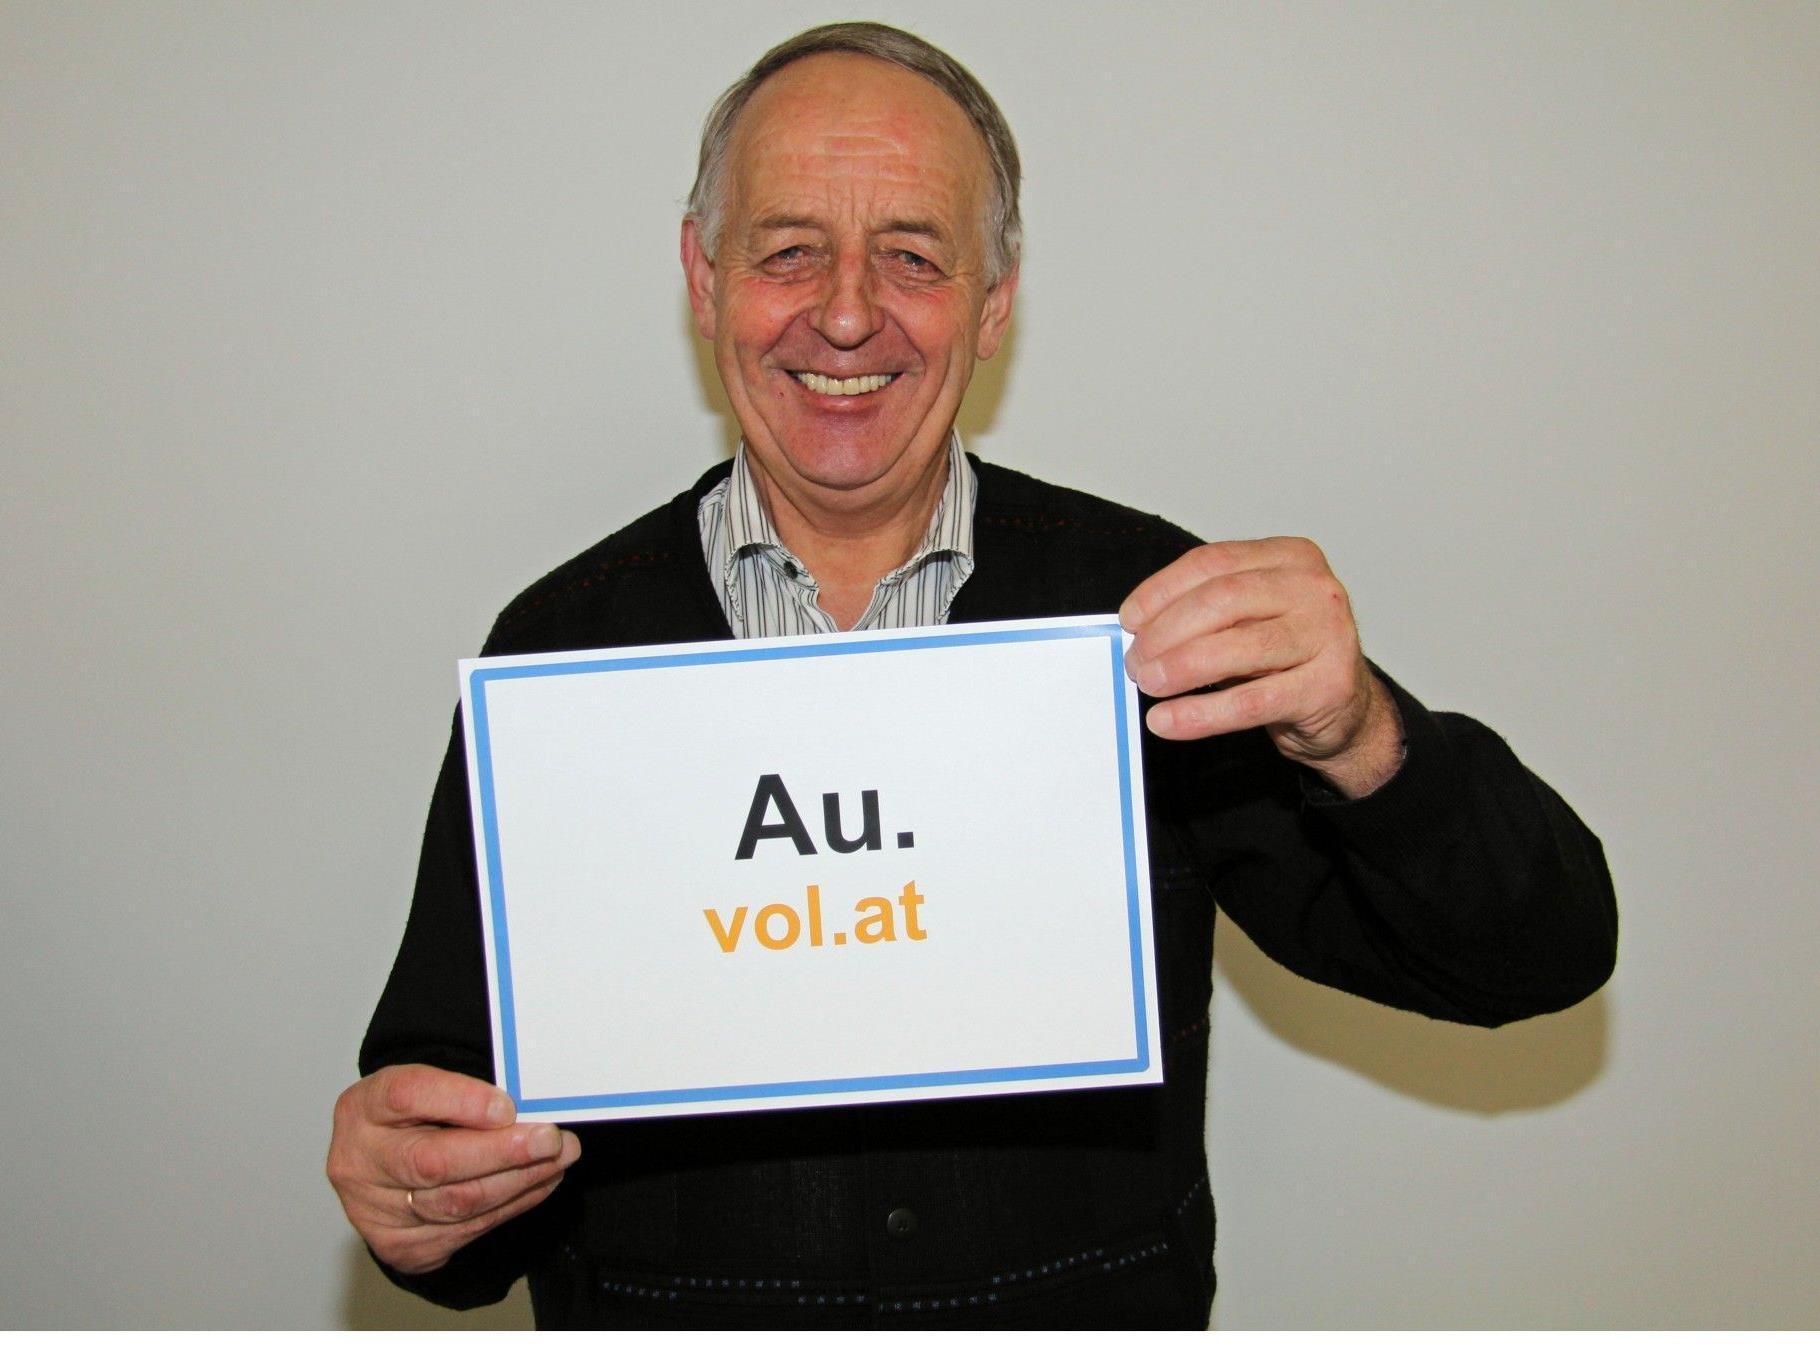 Pius Natter, Bürgermeister von Au, hat gut lachen.